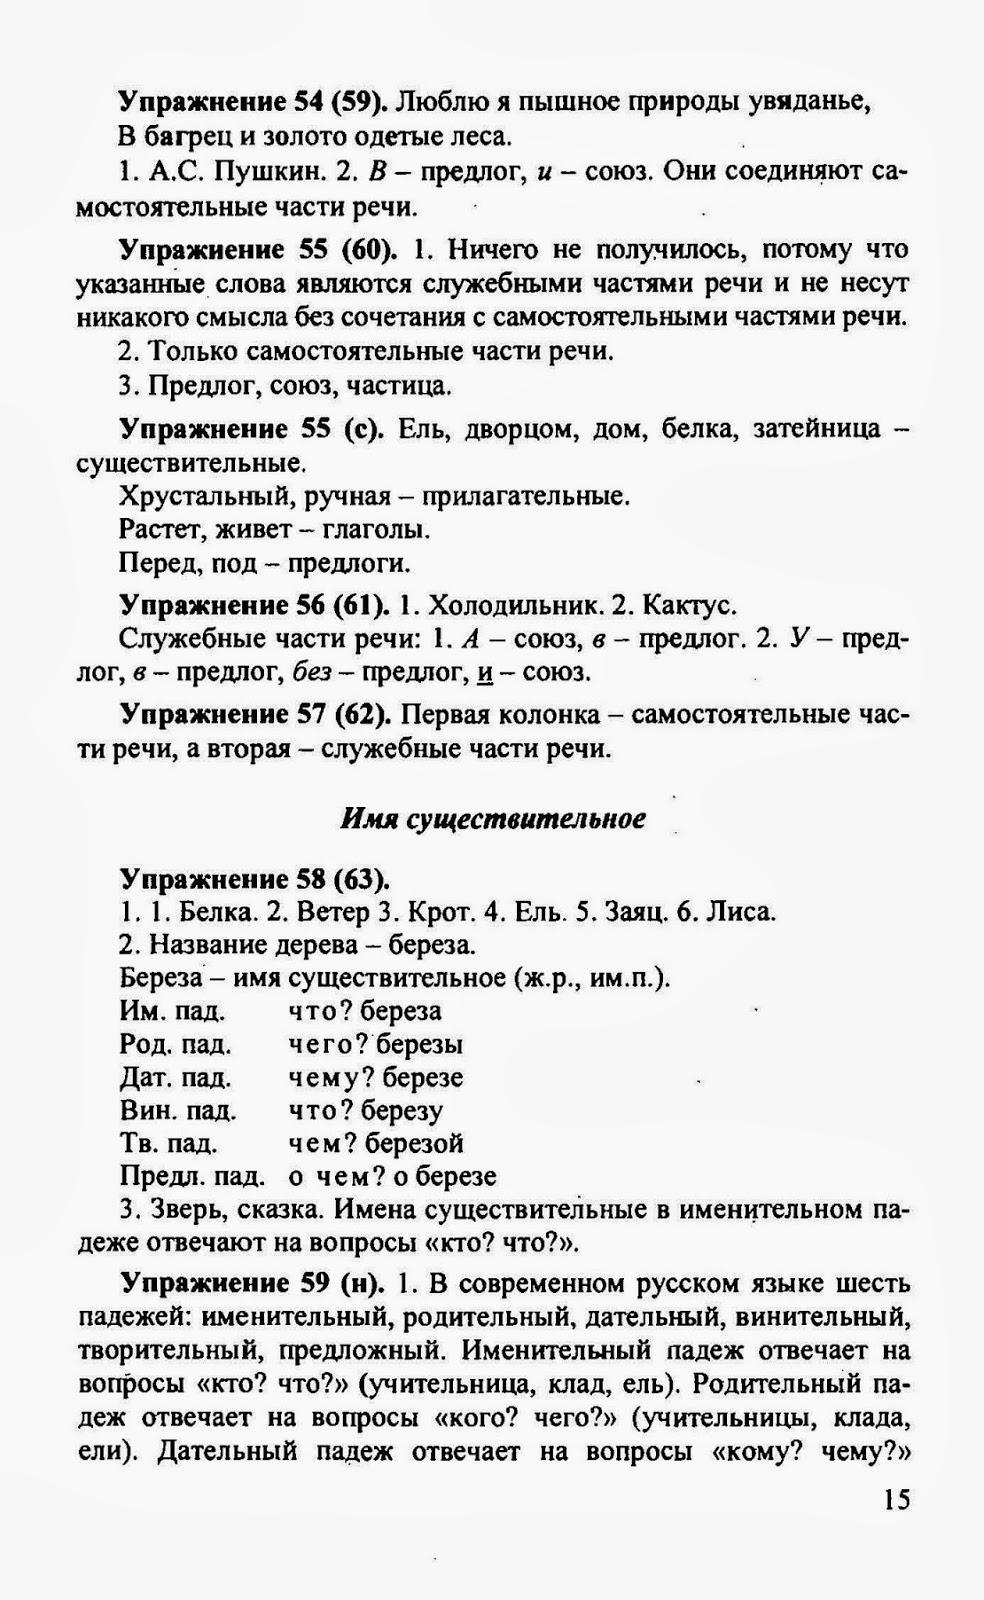 Решебник п русскому языку 5 класс